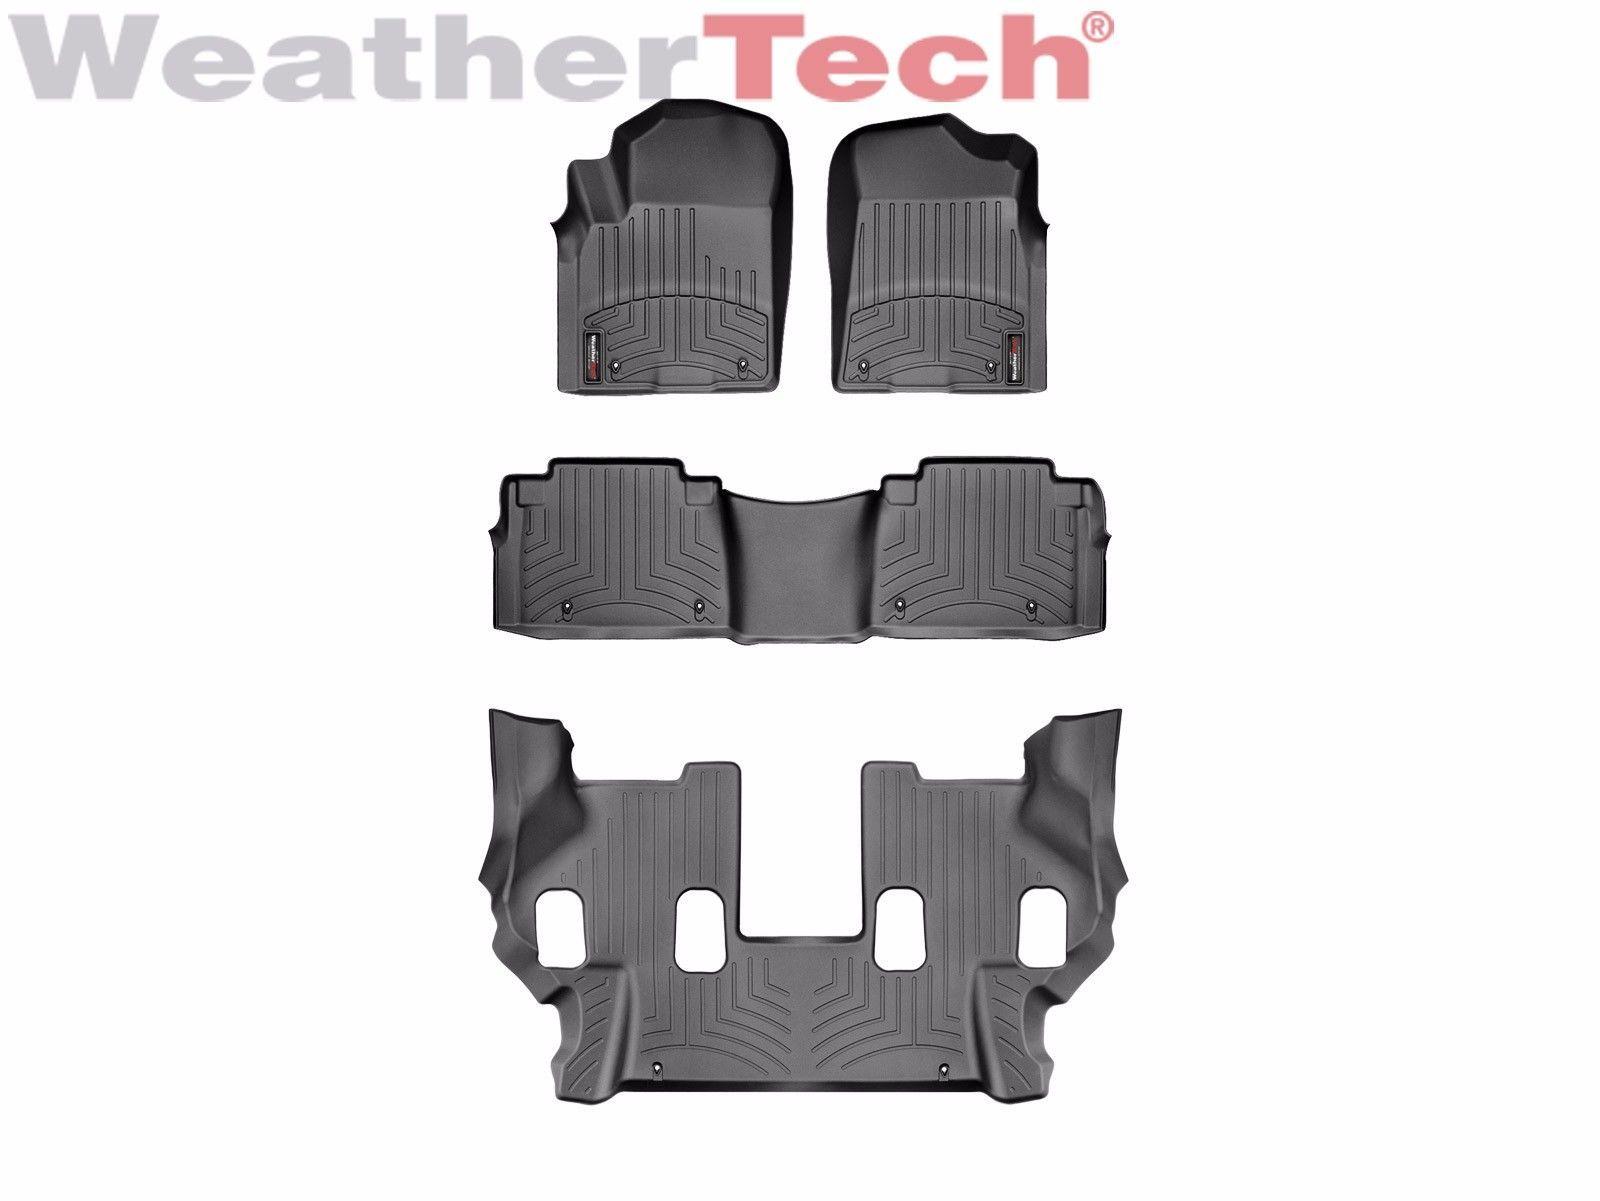 Floor mats qx80 - Weathertech Floor Mats Floorliner For Infiniti Qx80 2014 2017 Black